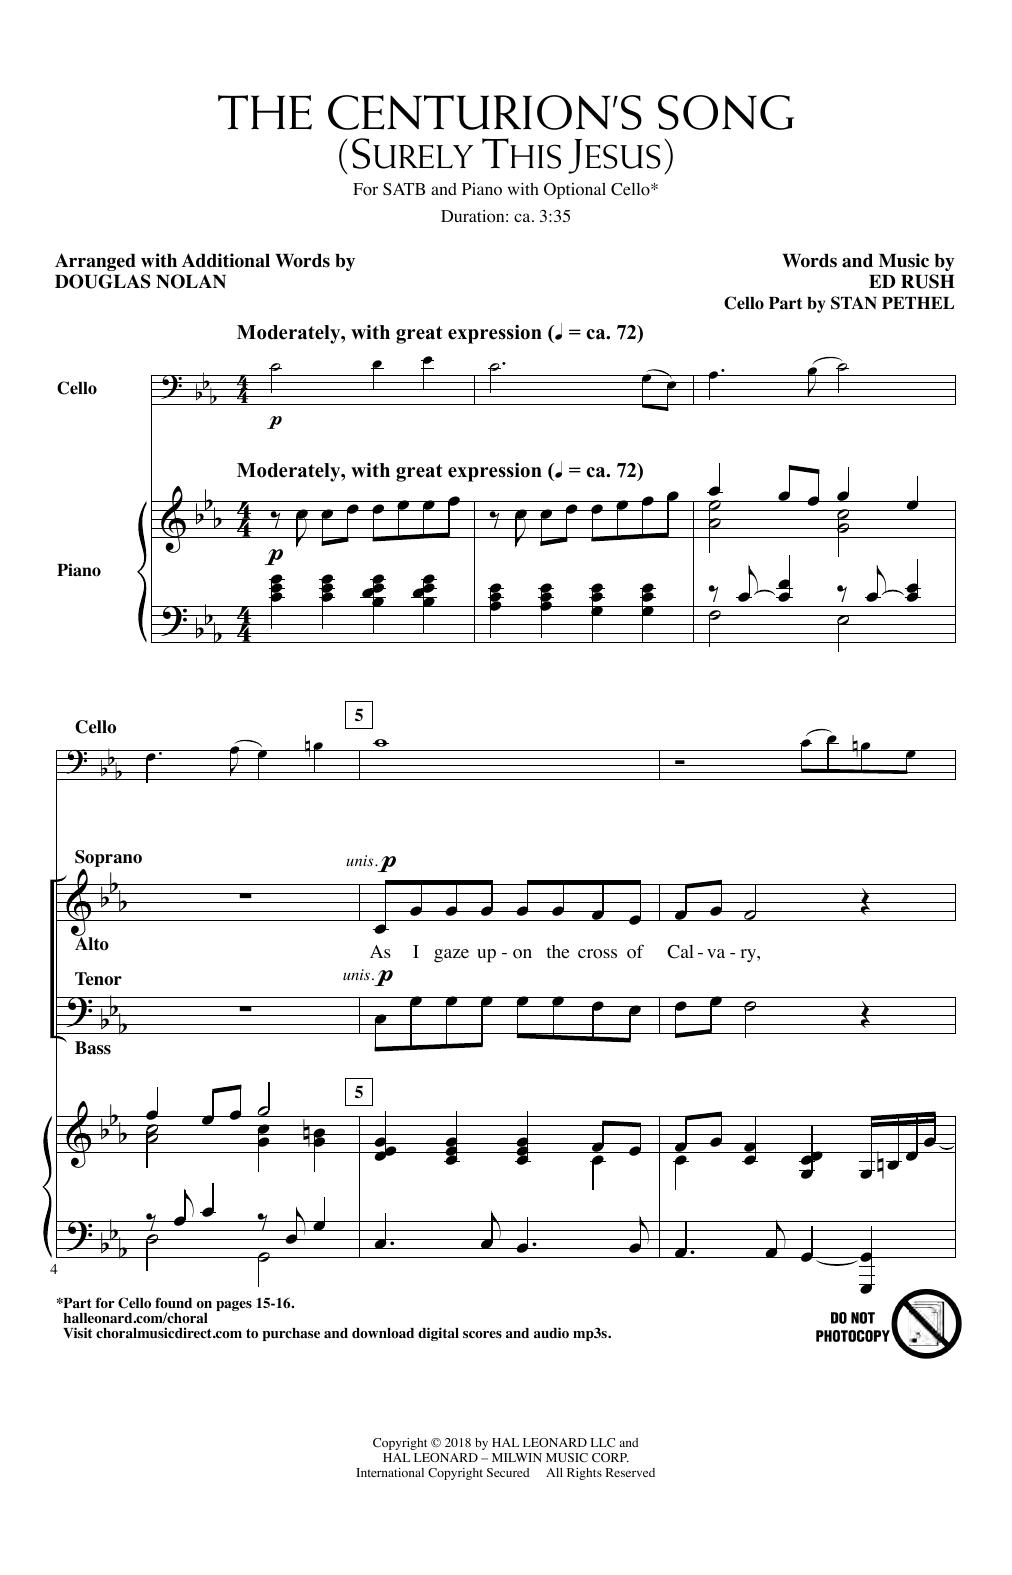 The Centurion's Song (Surely This Jesus) (arr. Douglas Nolan) (SATB Choir)